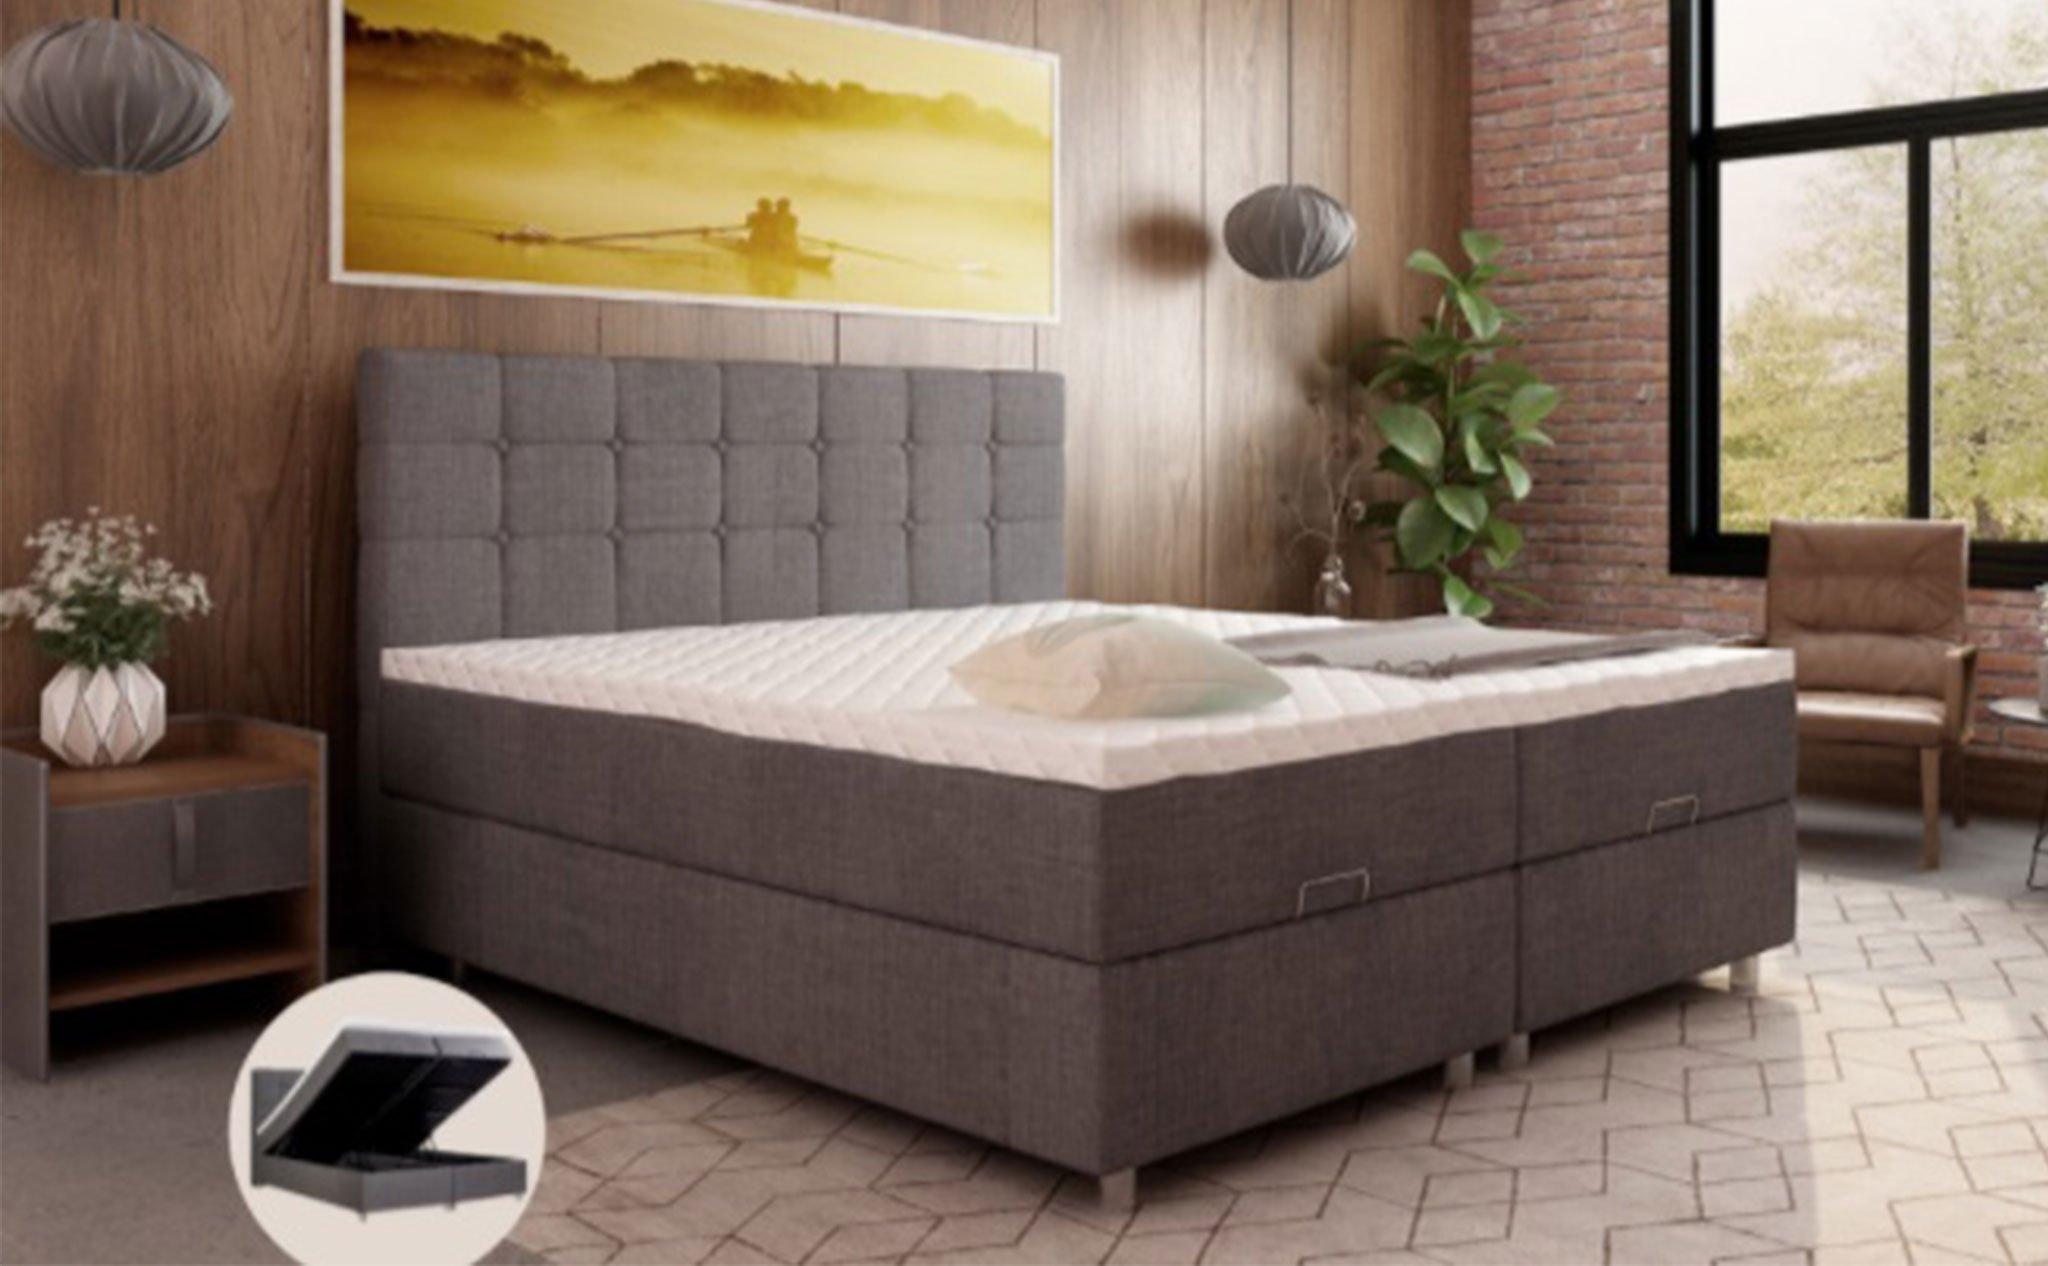 Oferta de canapé con almacenamiento frontal – Amazing Deals Costa Blanca